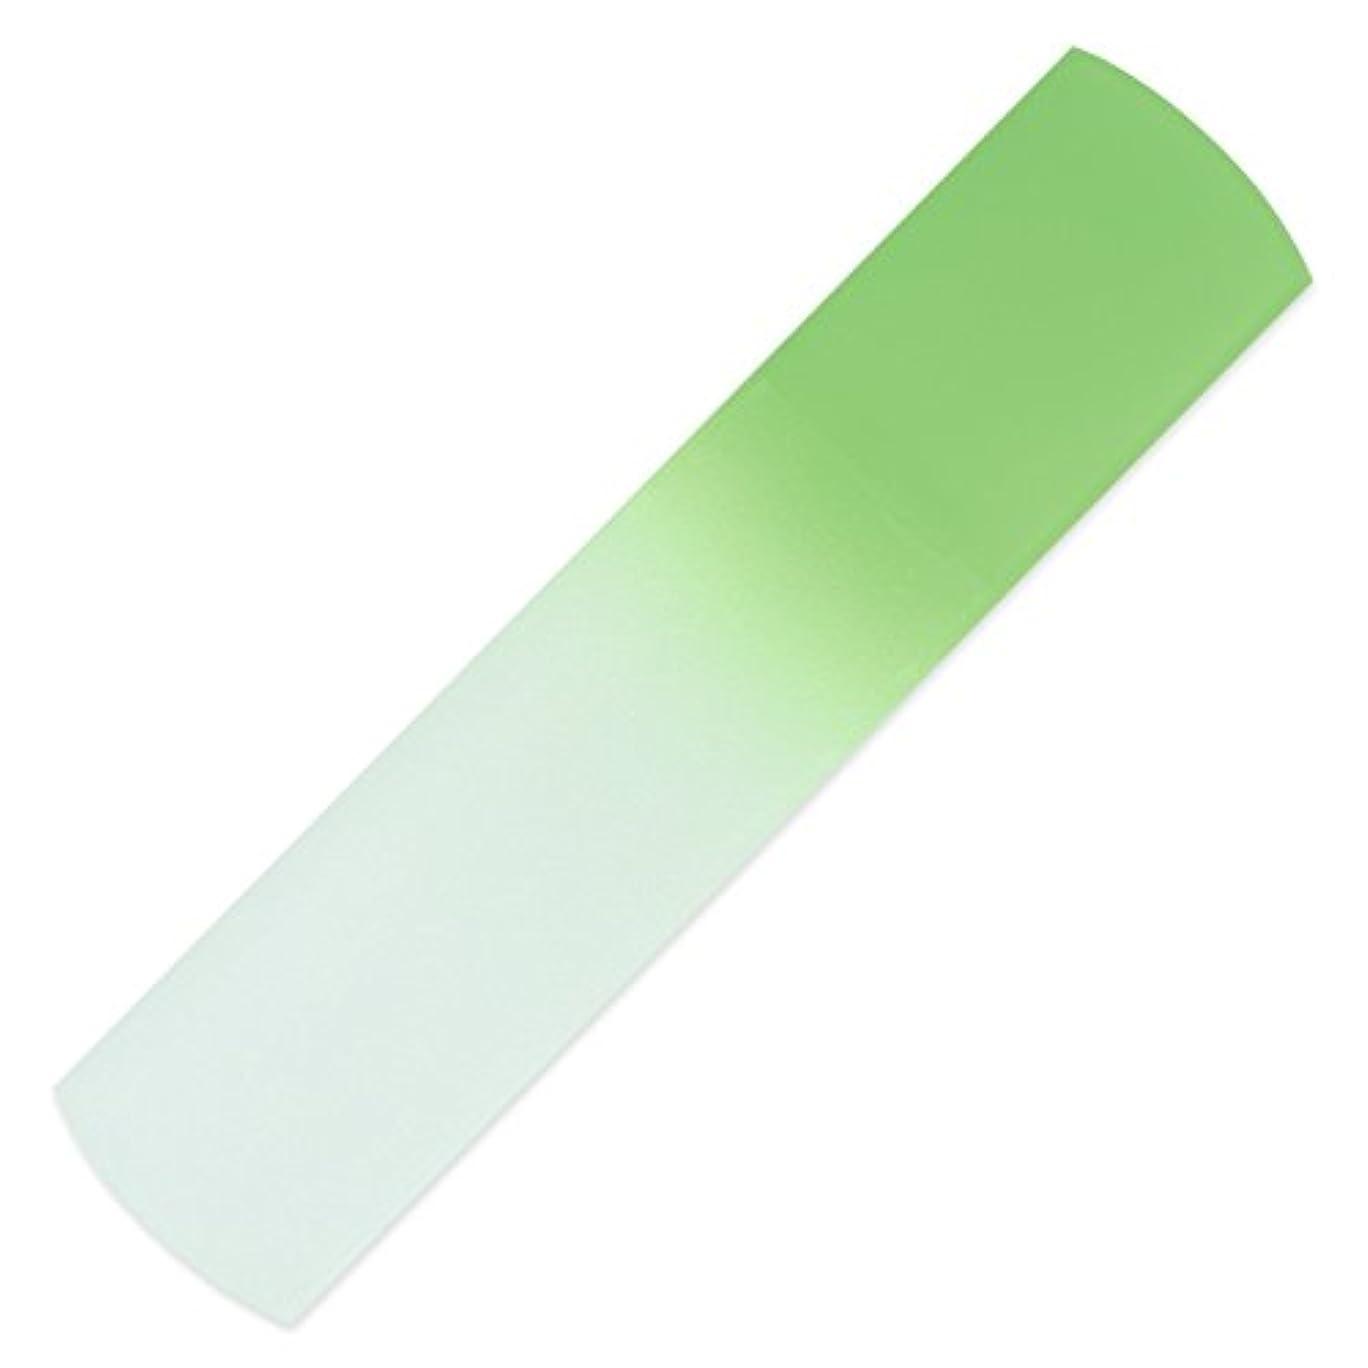 少なくとも家事薬ハンドメイドのガラス製フットファイル?ペディキュア用ヤスリ、本物のチェコ製強化ガラス使用、永久保証付き?固い皮や死んだ皮膚、きめの粗い皮膚、マメ、タコを除去